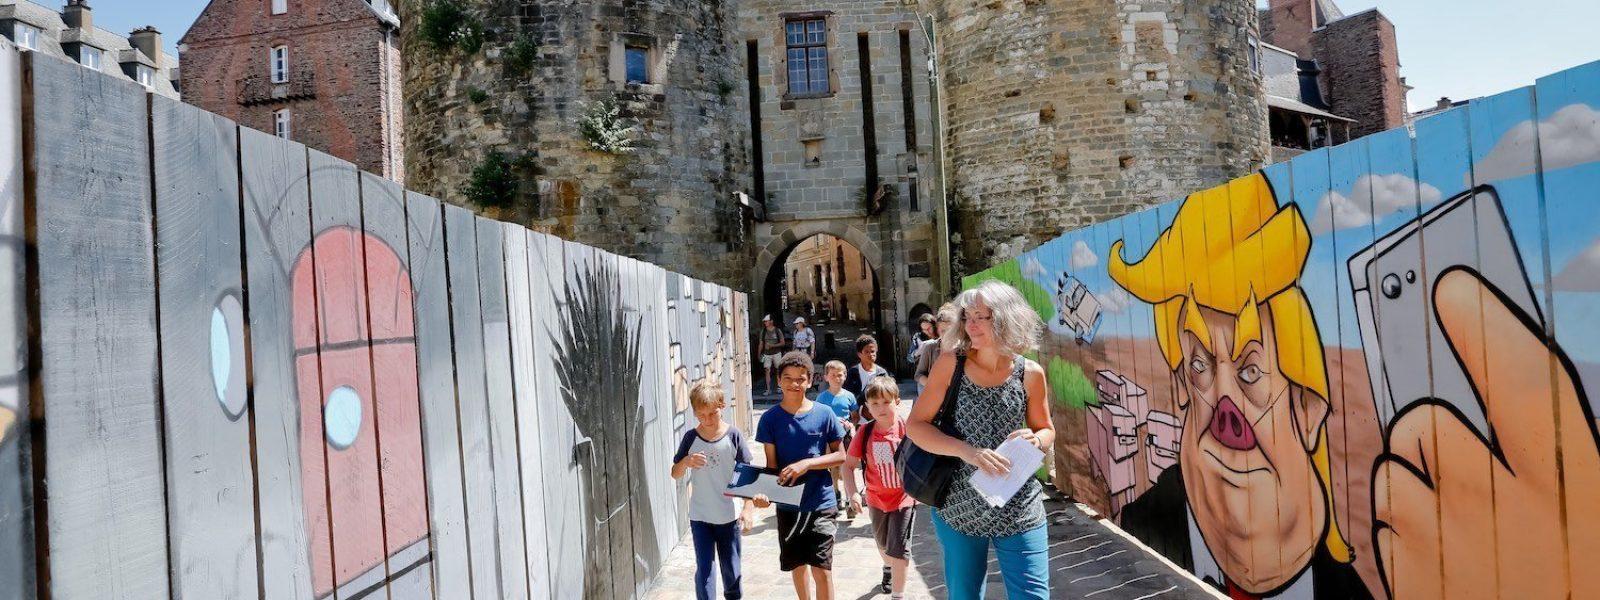 Les Portes Mordelaises à Rennes en Bretagne